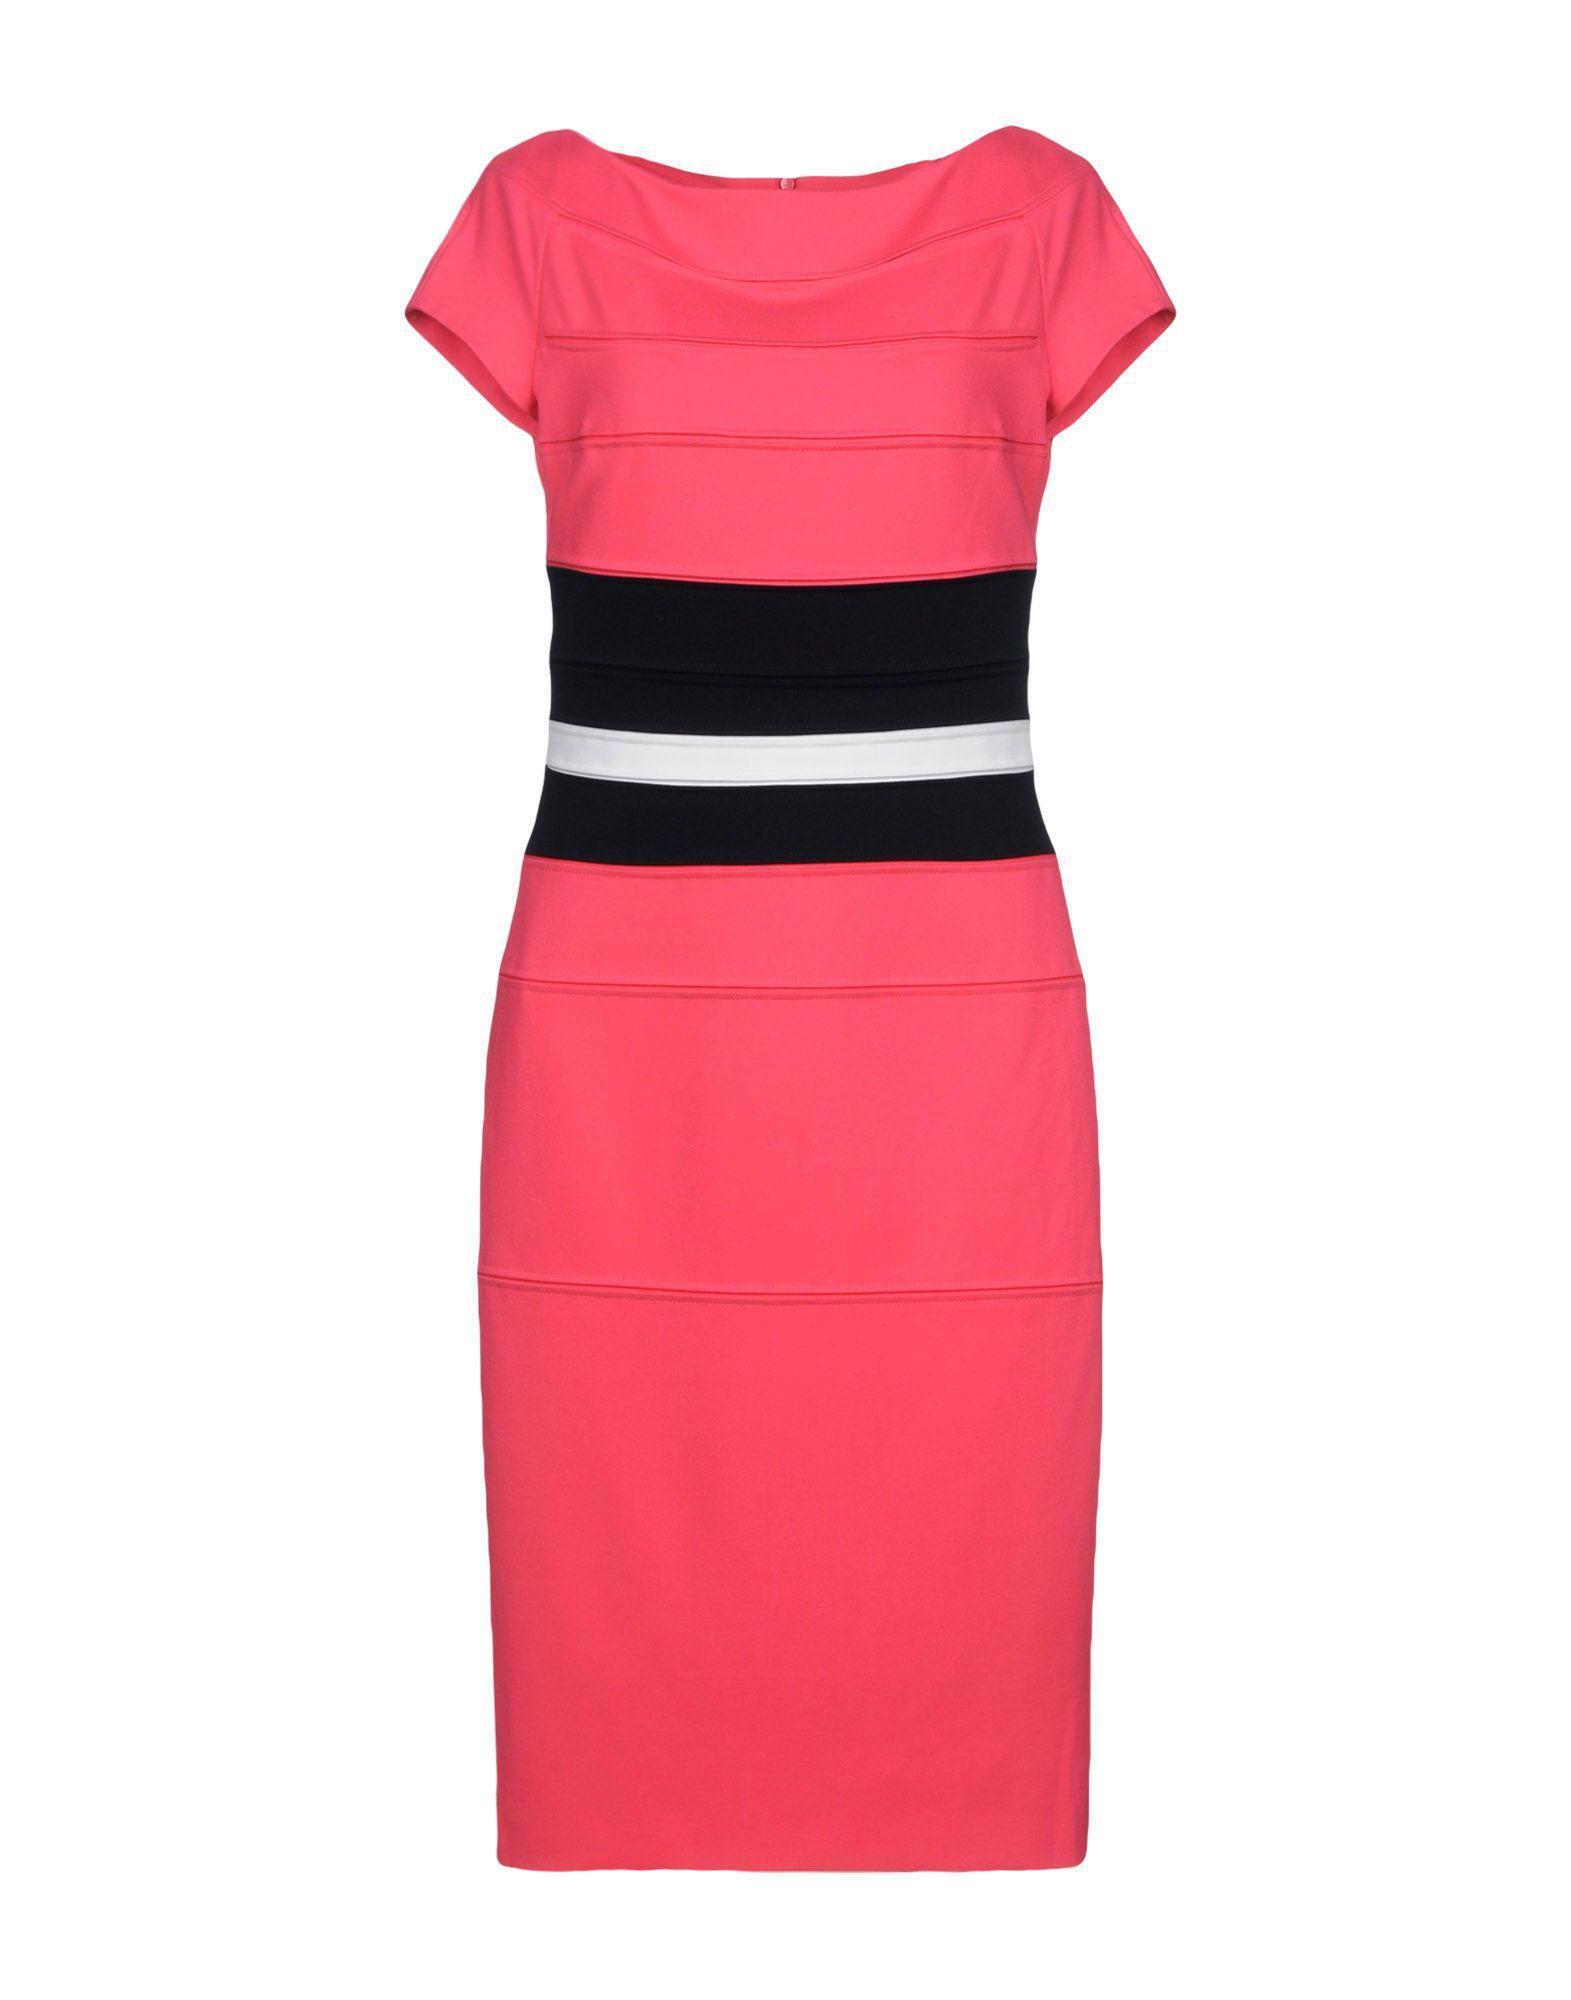 DRESSES - Knee-length dresses Escada BSK4OBKZ